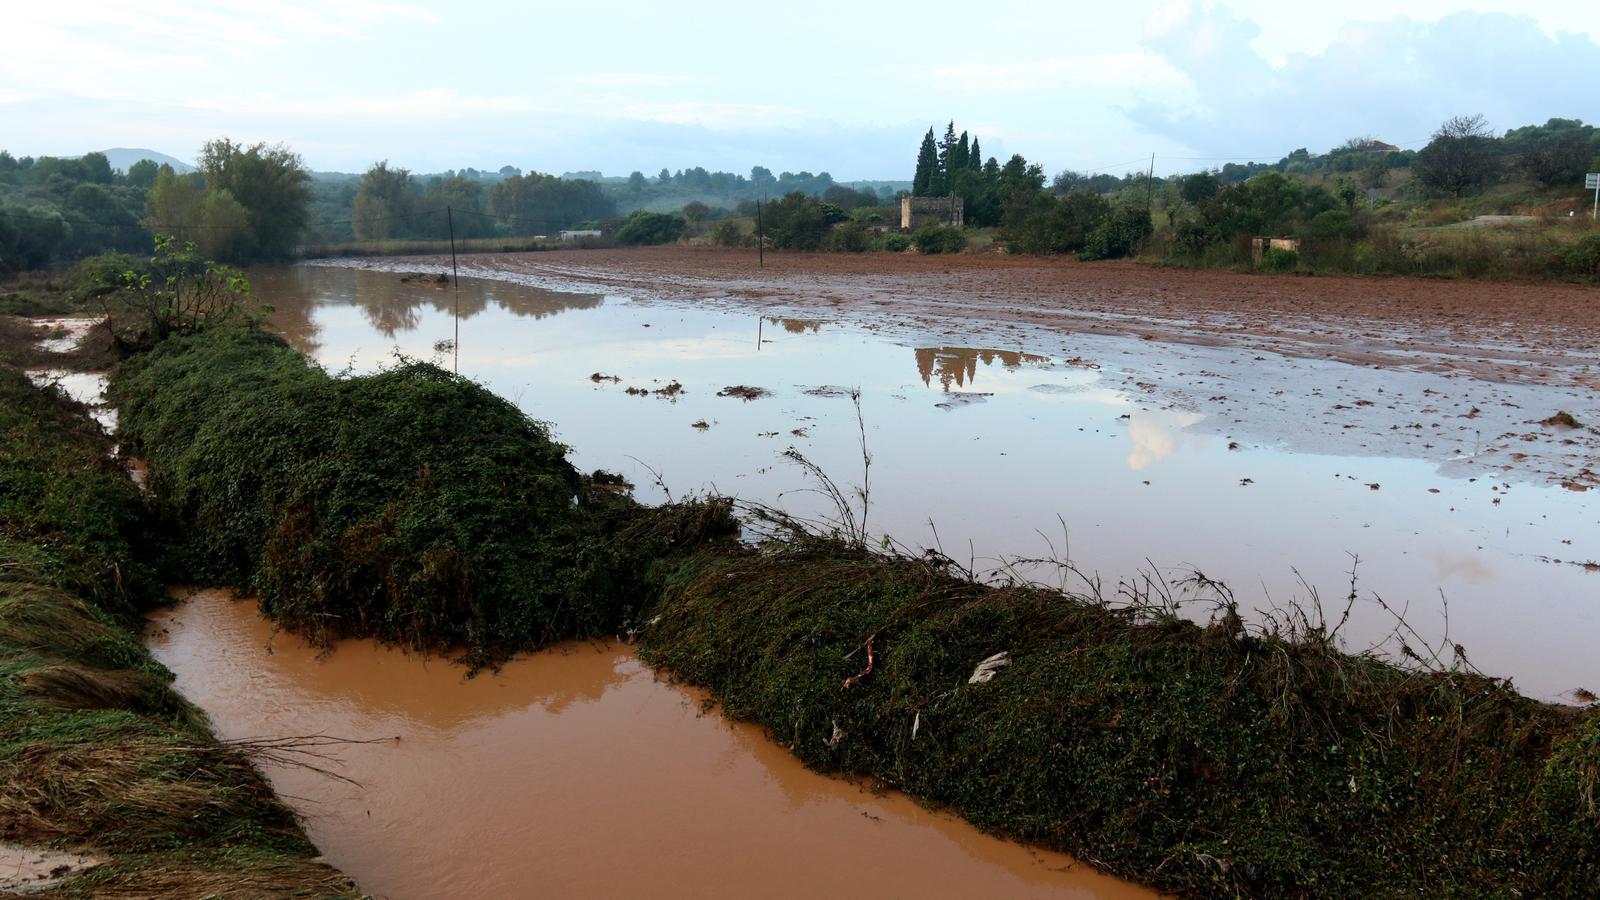 L'aigua ha inundat algunes parcel·les agrícoles i esbucat casetes i parets.